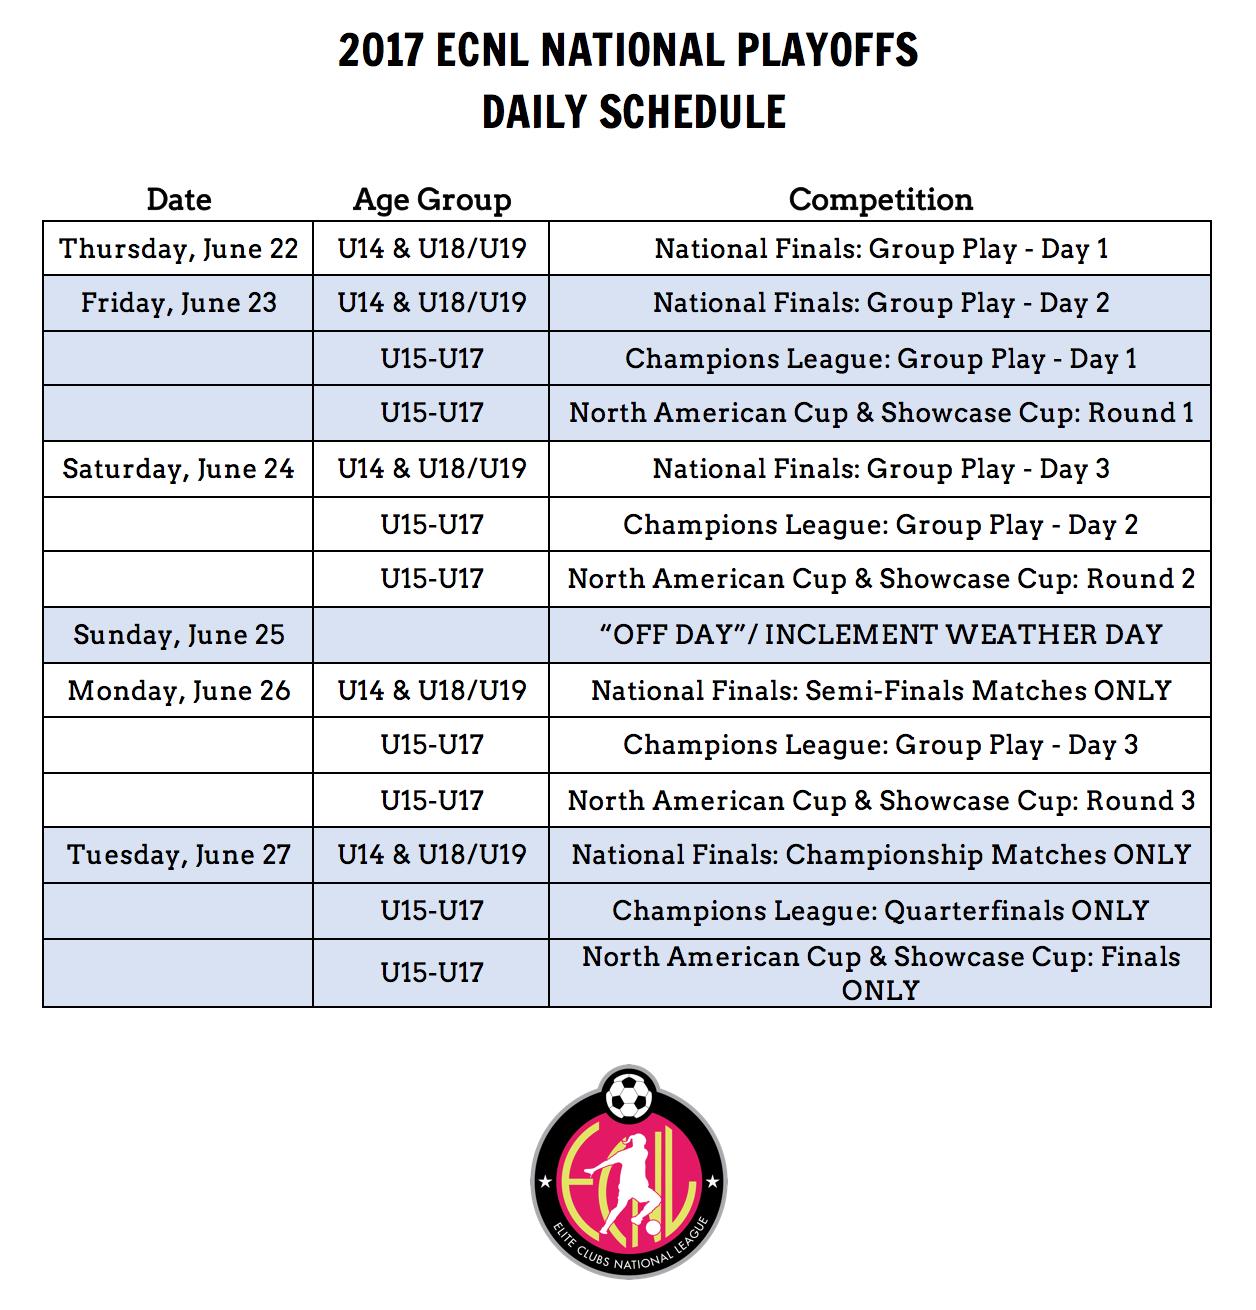 Champions League Xls: 2016-17 ECNL National Playoffs